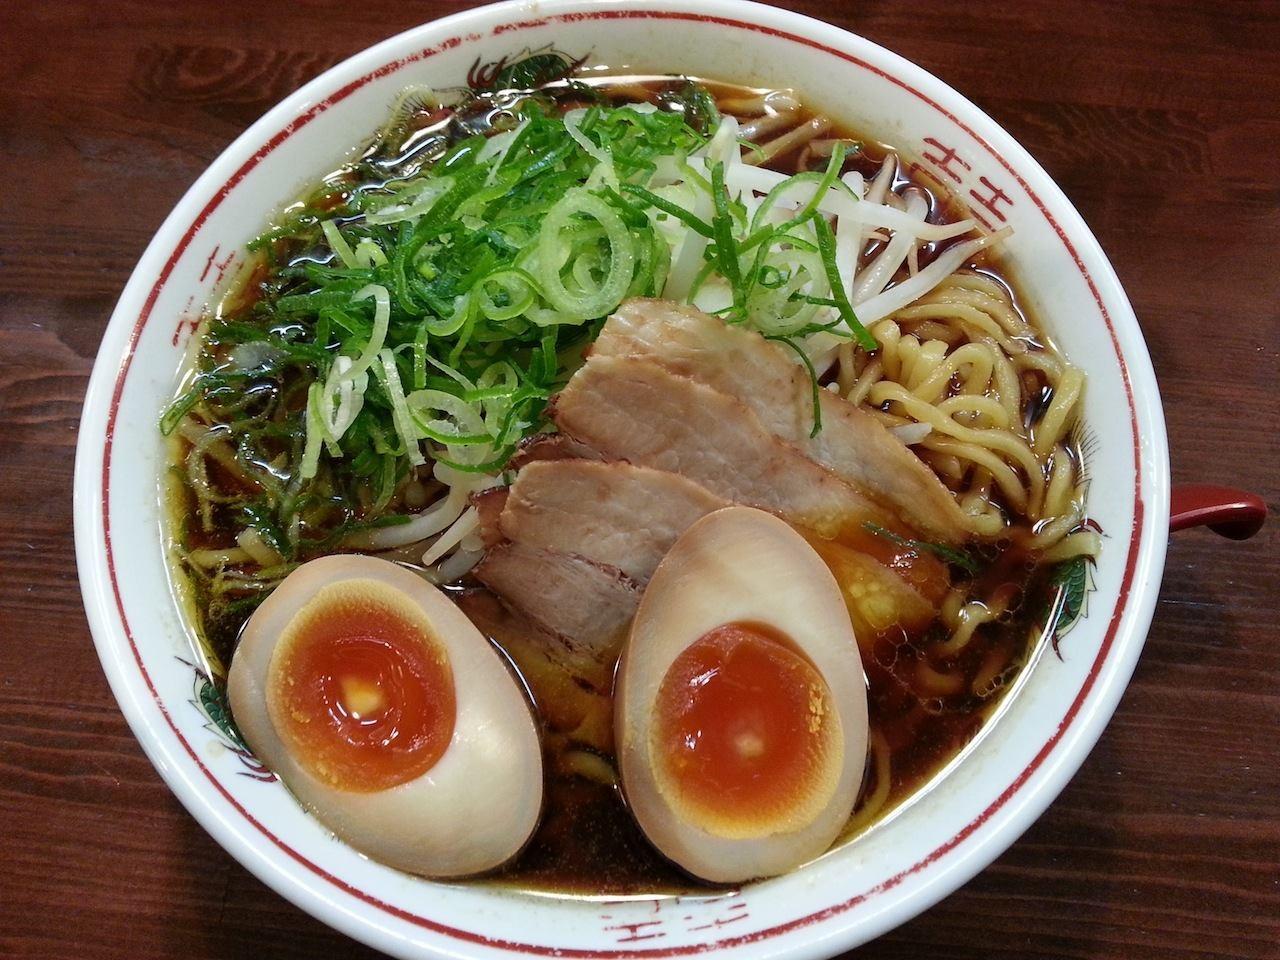 所用で新宿三丁目に行ったついでに、末広亭のそばにある希望軒でブラック味付け玉子付き。鶏と黒醤油のスープ、結構好きかもでつ。 【2014年5月1日】